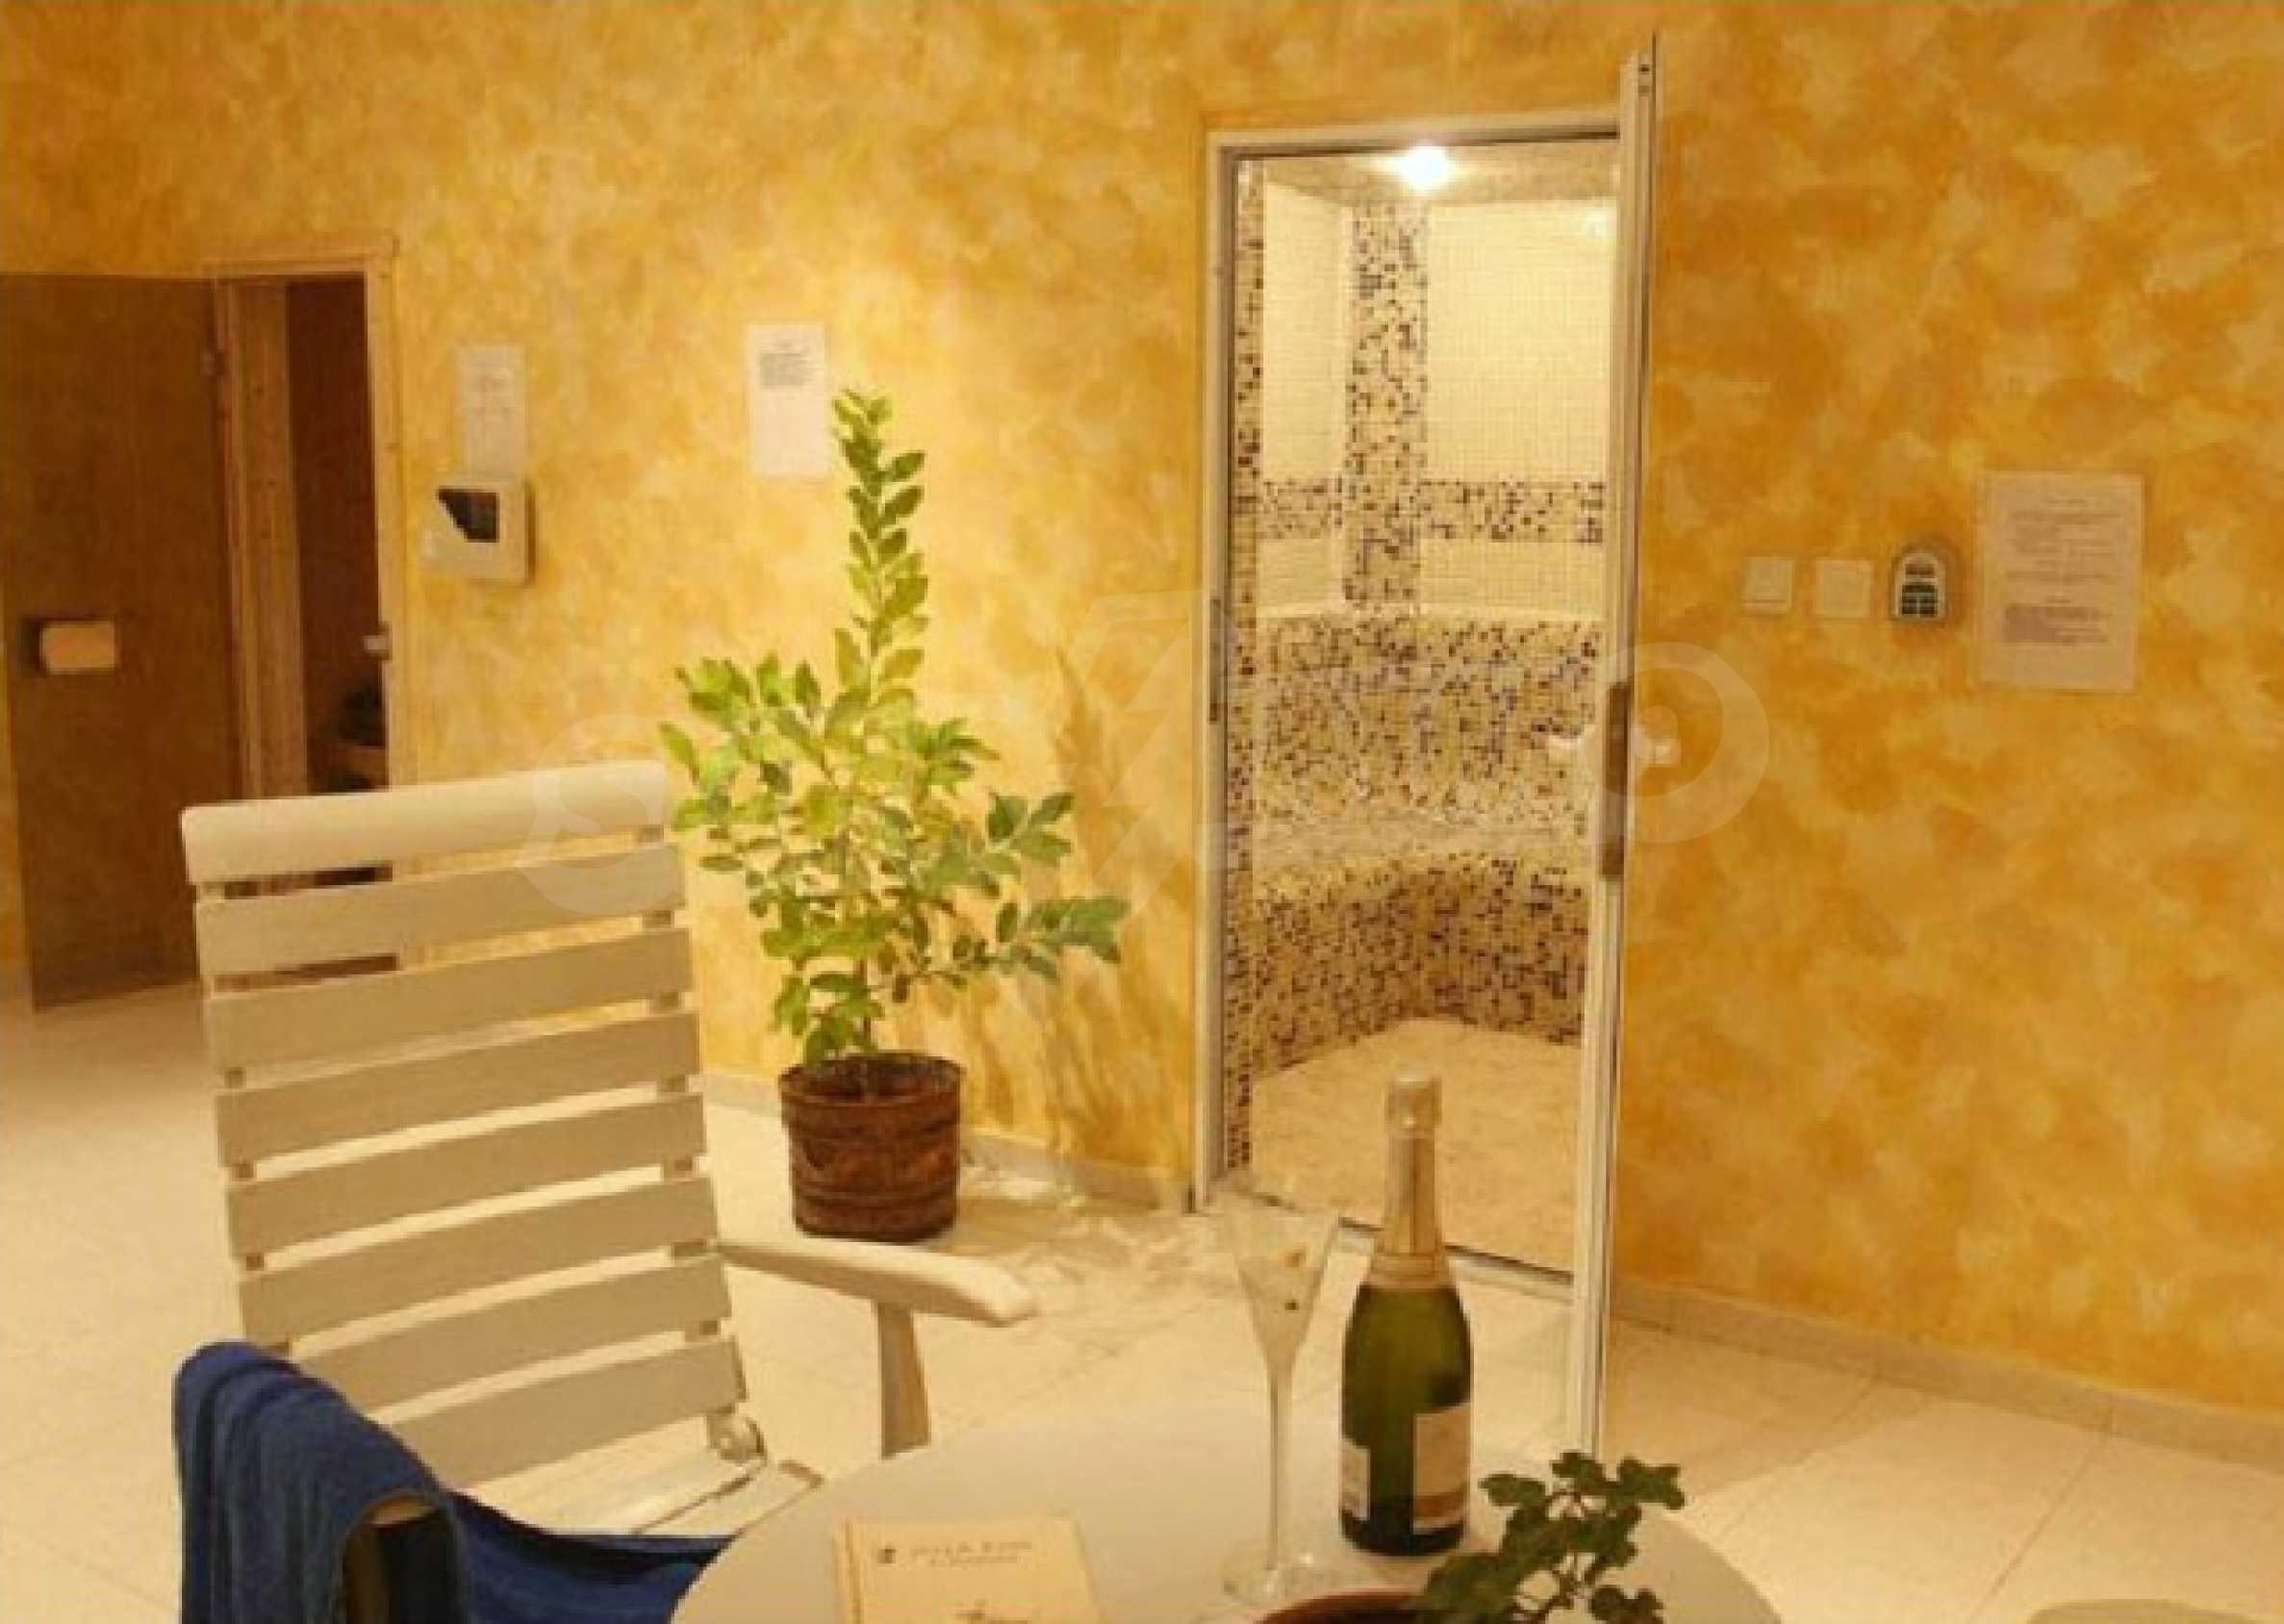 Komplett möbliertes Apartment mit 1 Schlafzimmer in Sunny Beach Goldener Sand, mit Meerblick 18